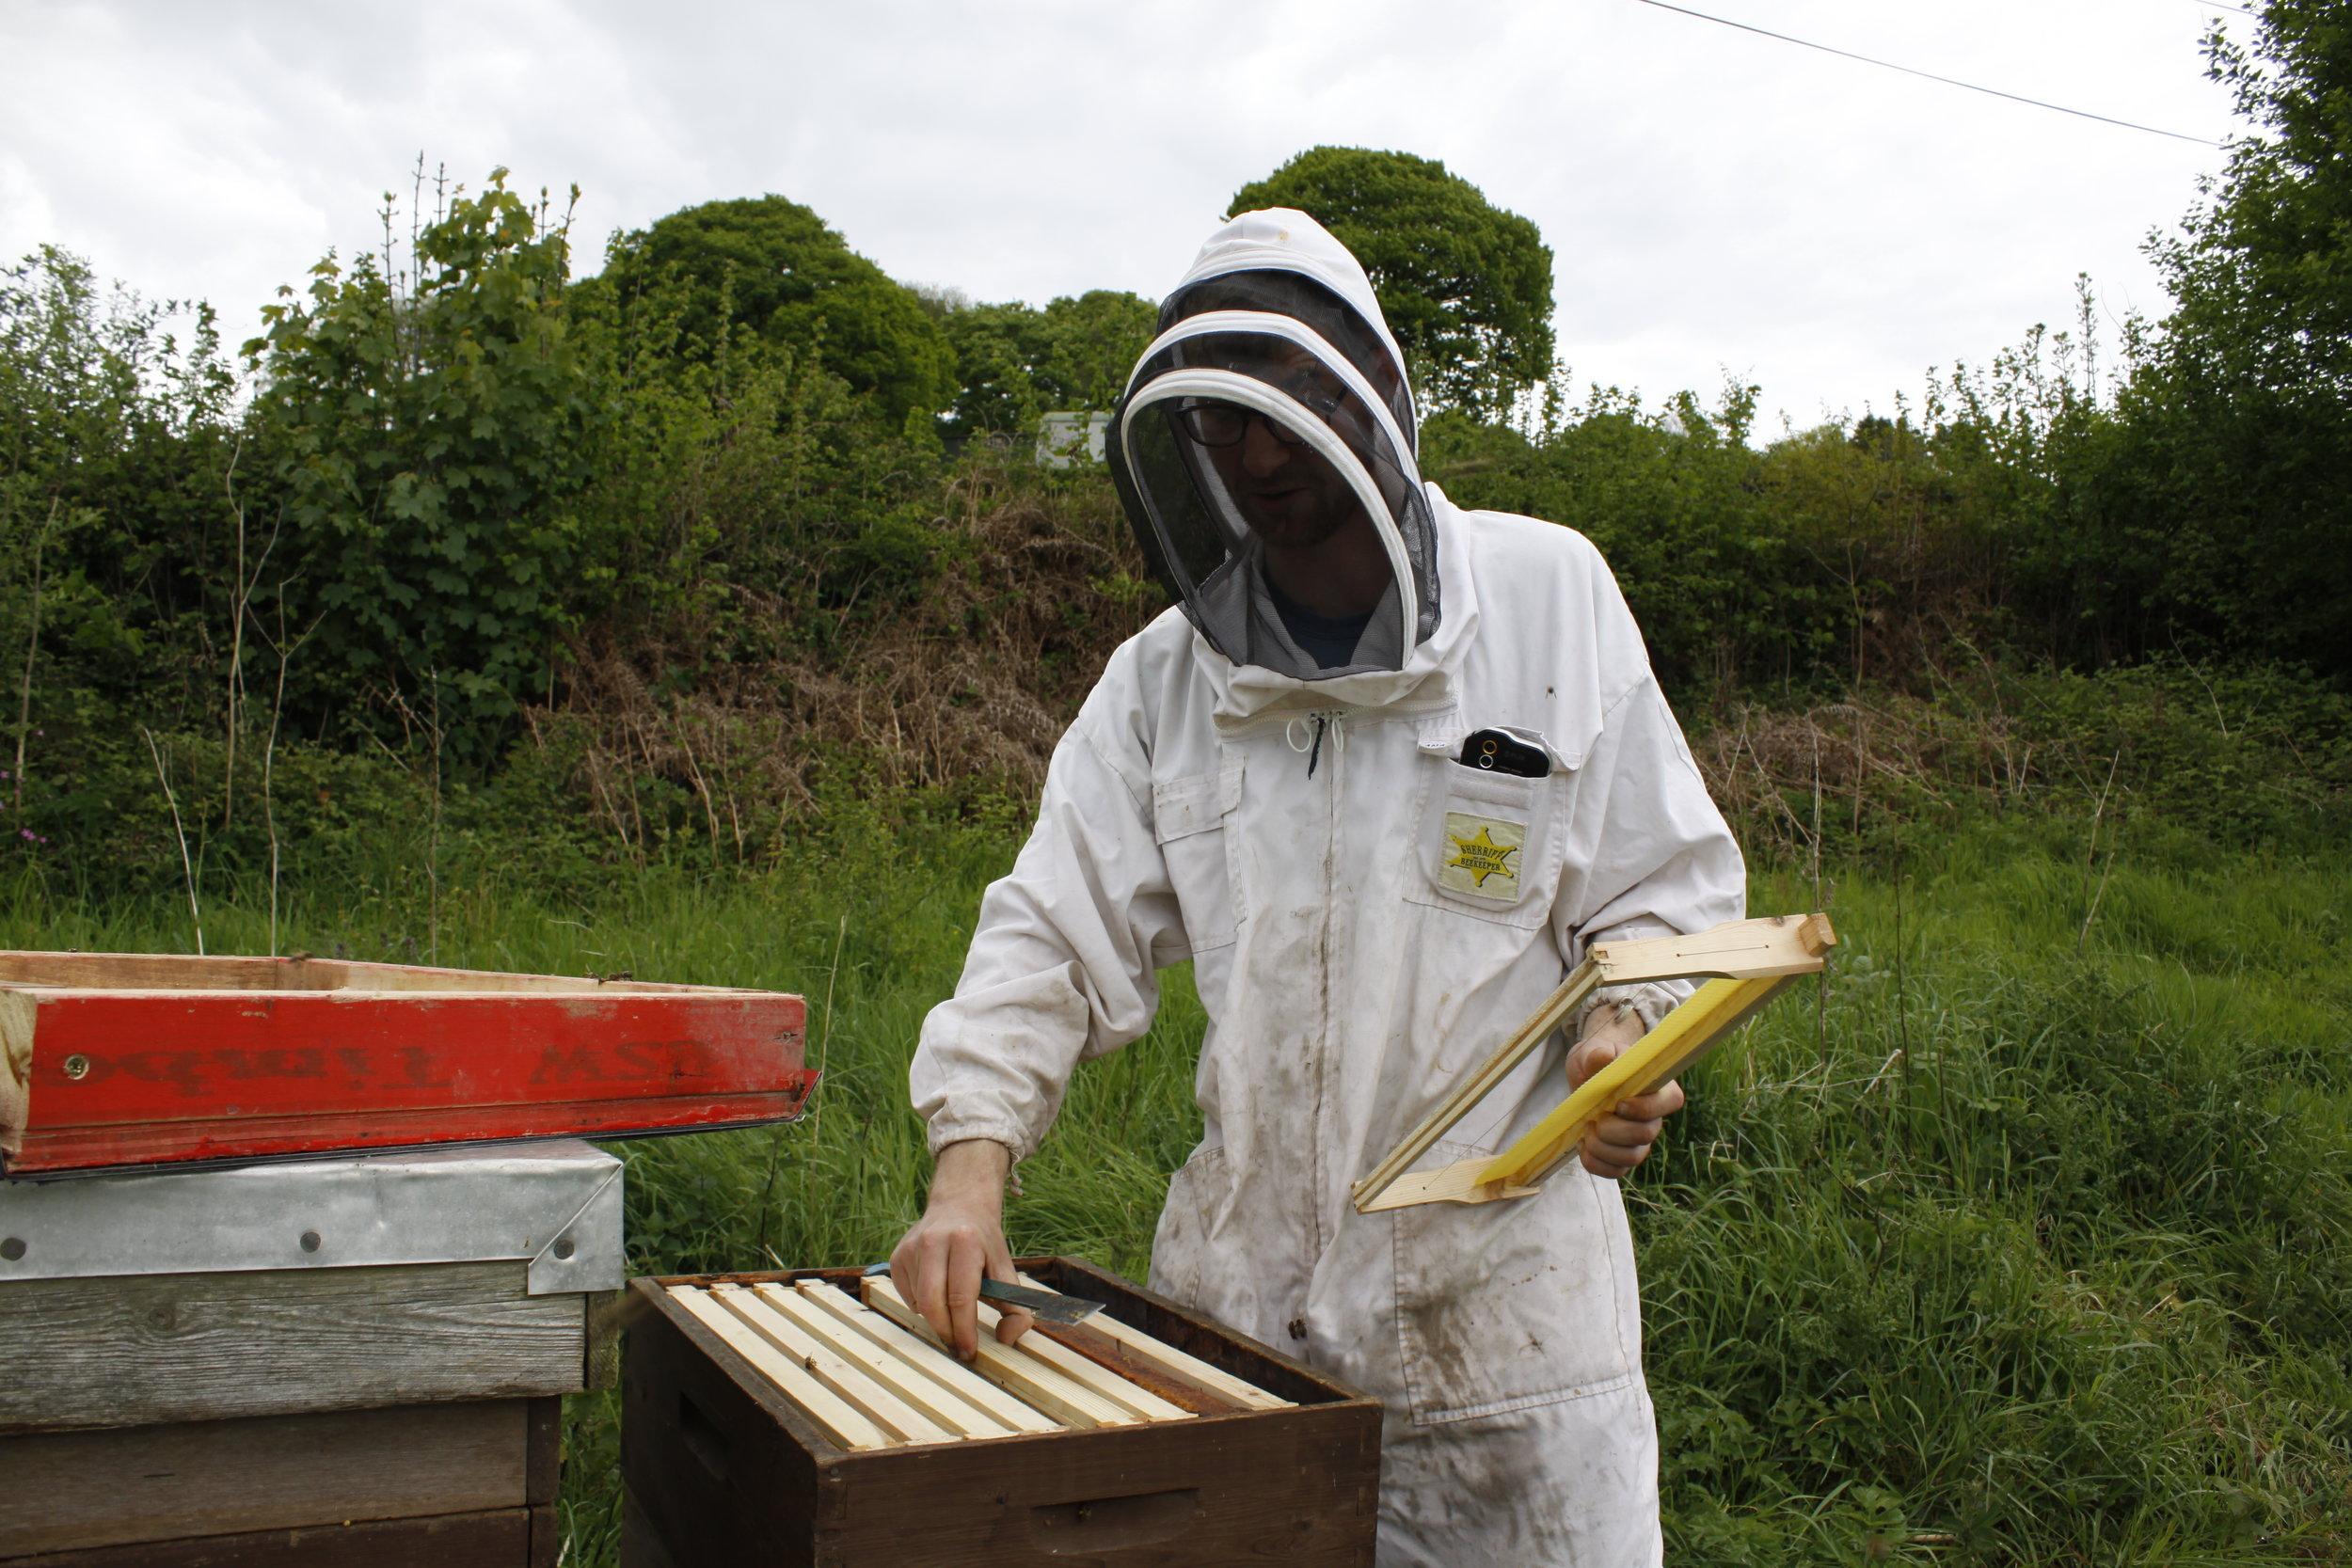 - Bee - keeping